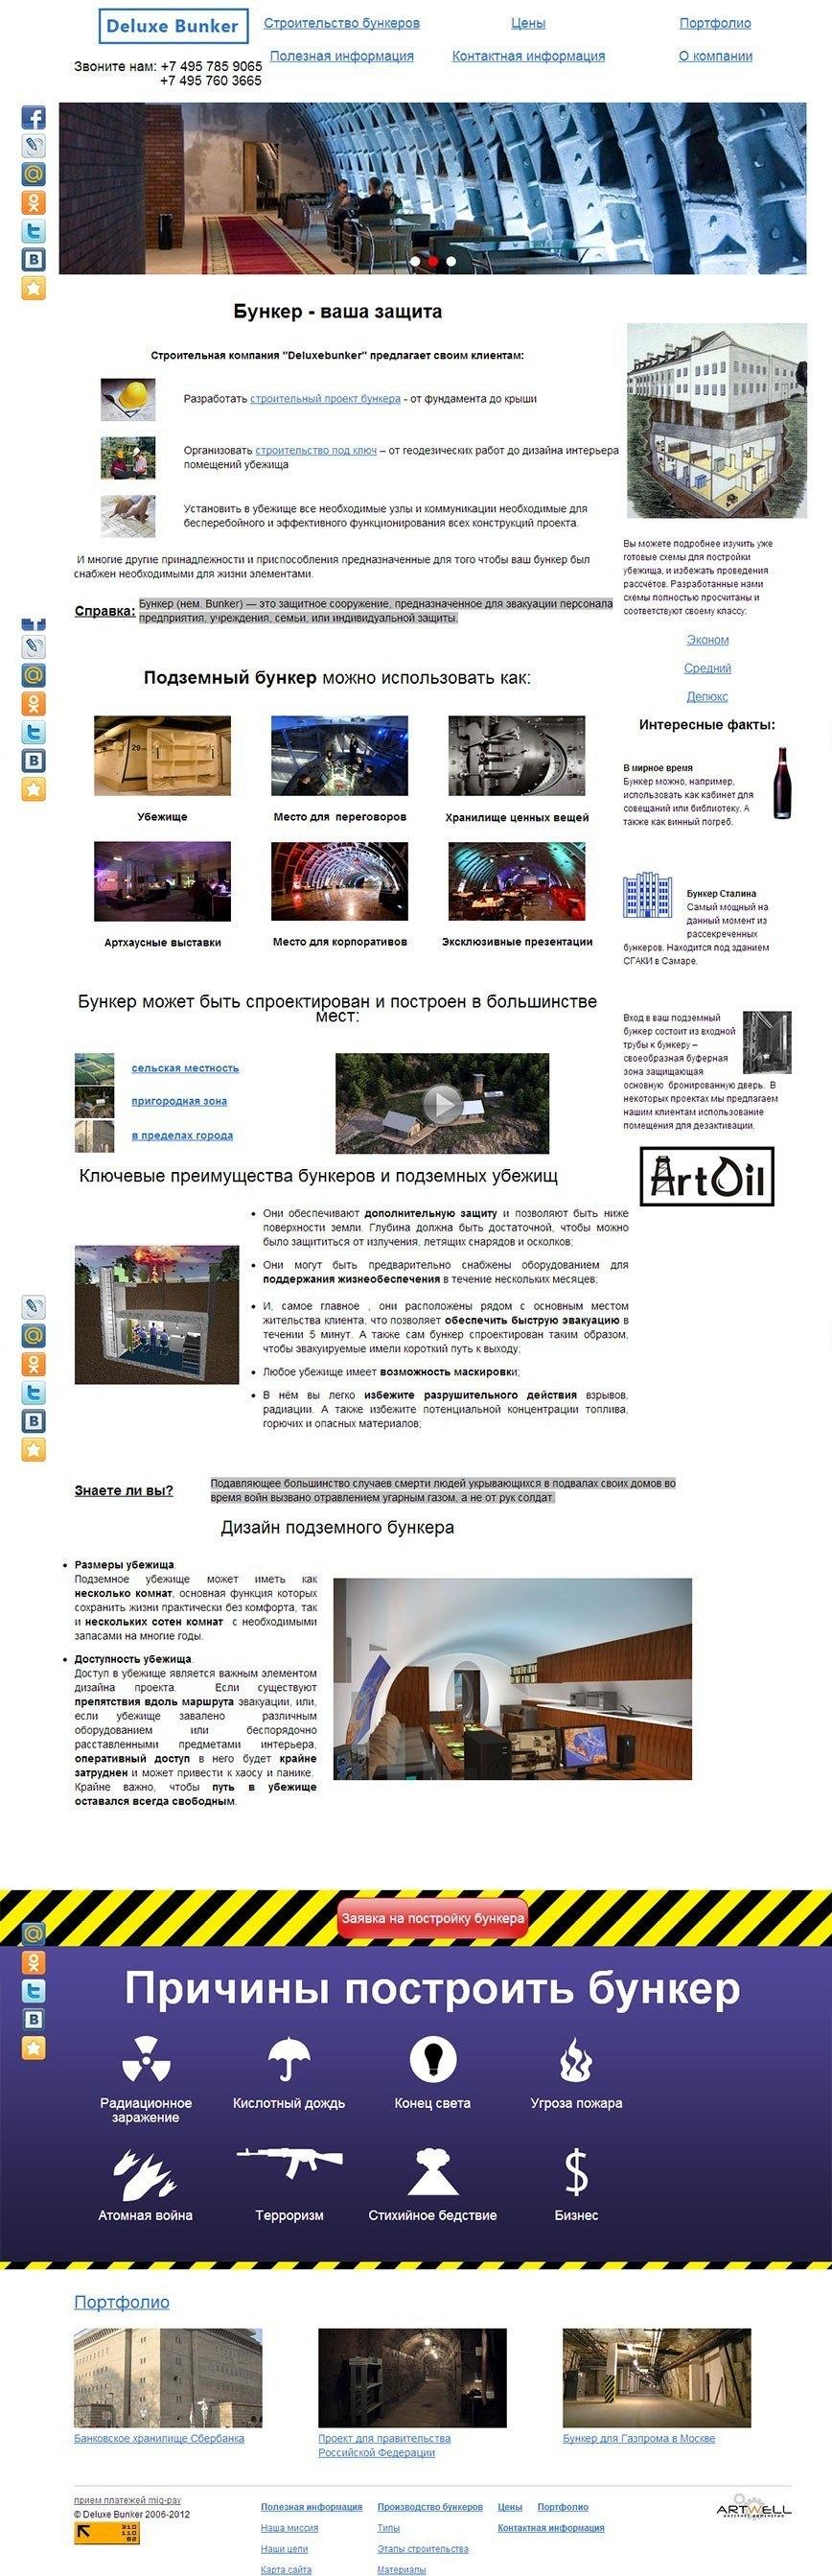 Фриланс продвижение сайта продвижение сайтов троицк